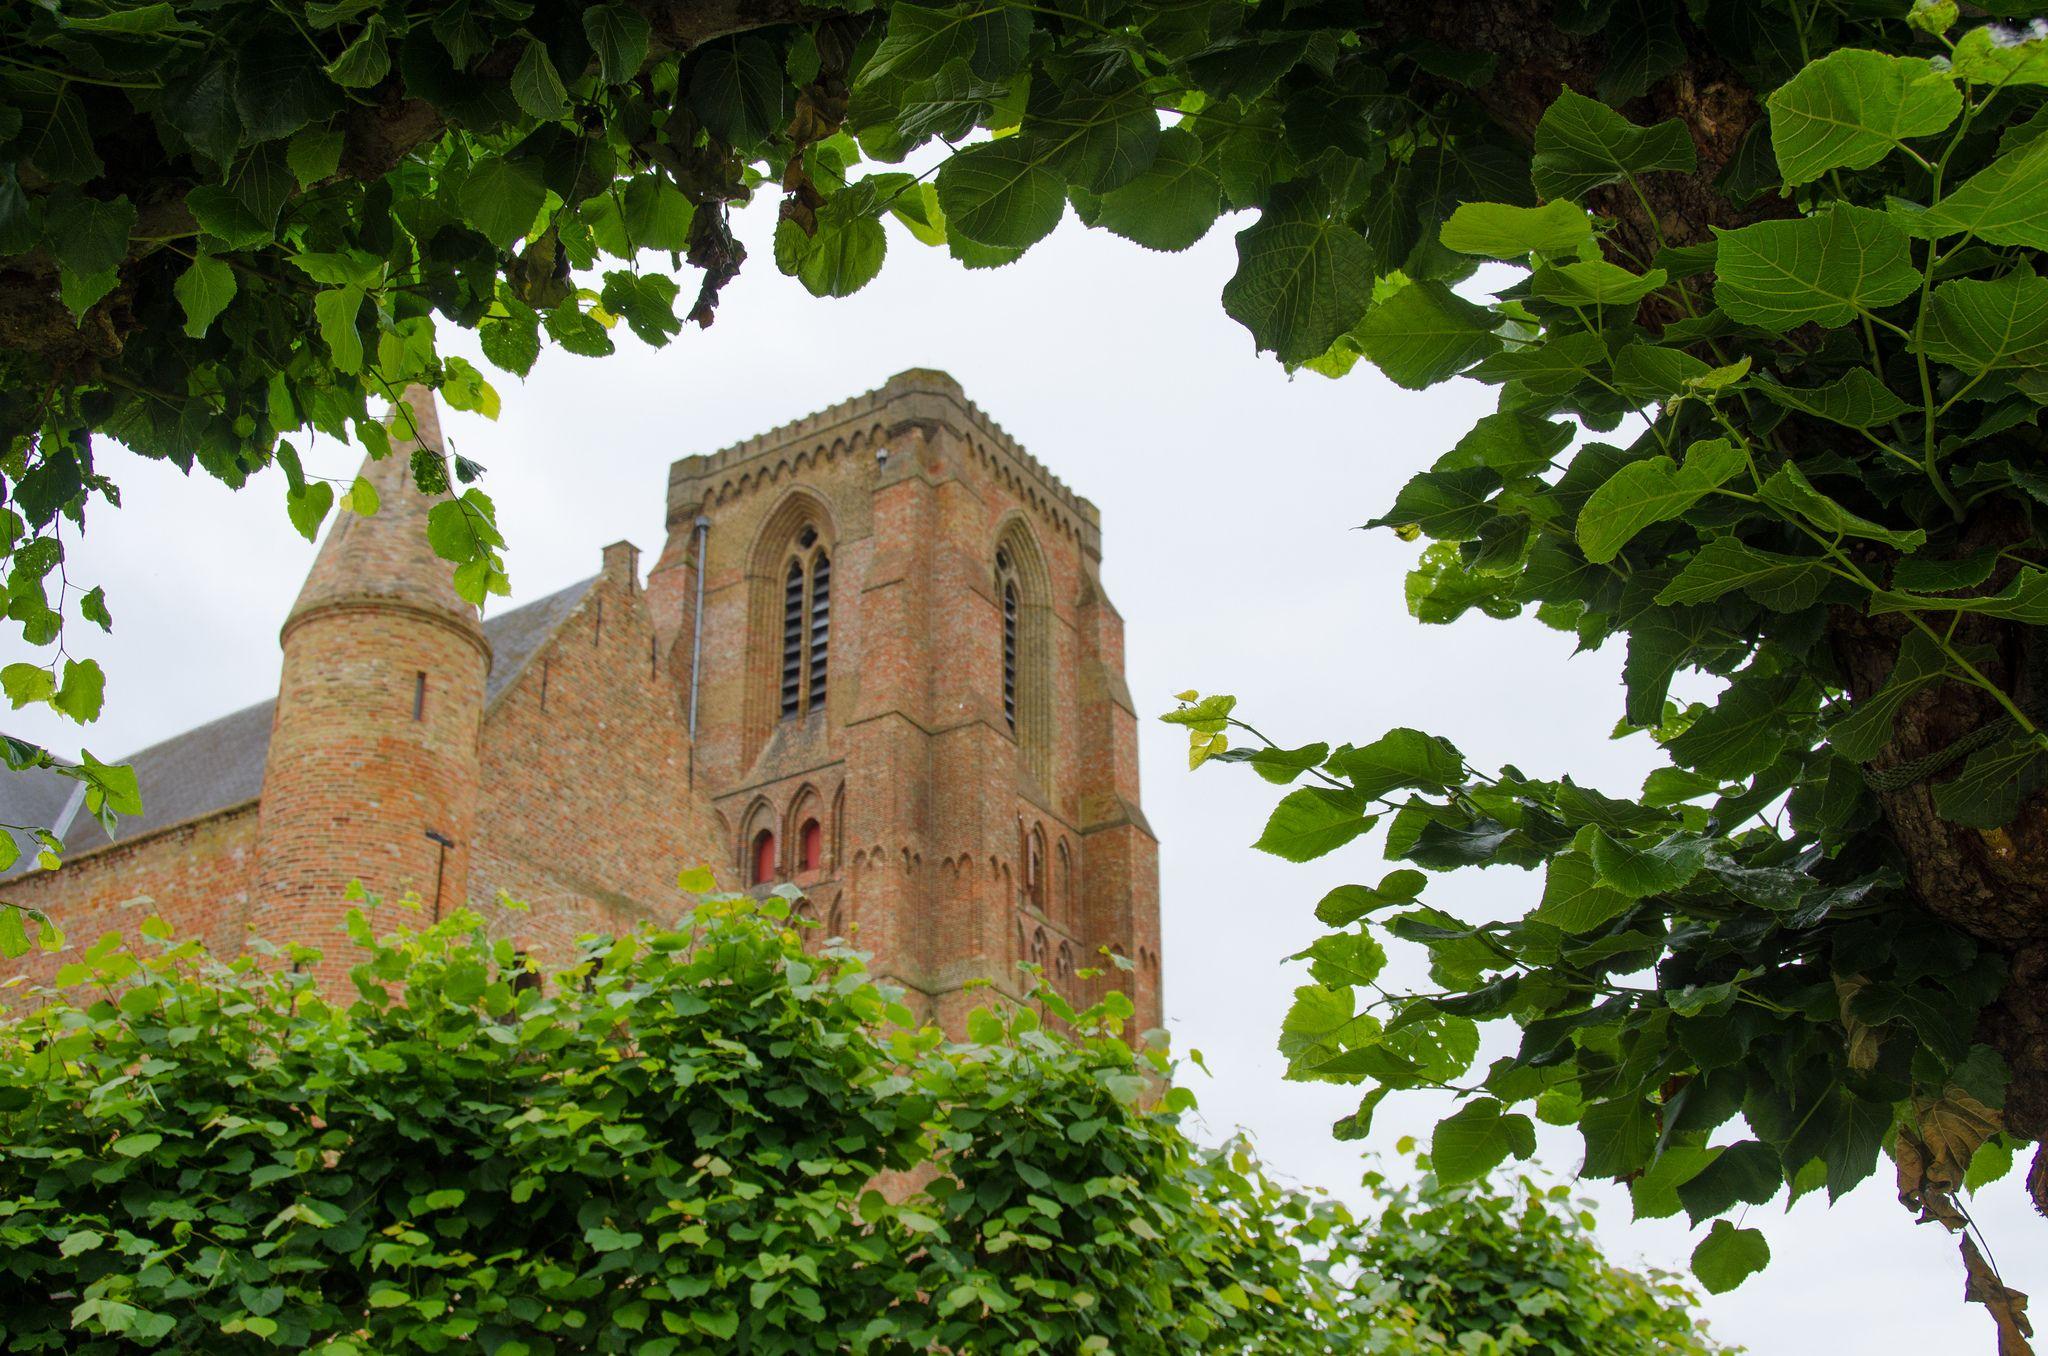 Lissewege 2013 | Lissewege is een dorp in de Belgische provincie West-Vlaanderen en sinds 1 januari 1971 een deelgemeente van Brugge.